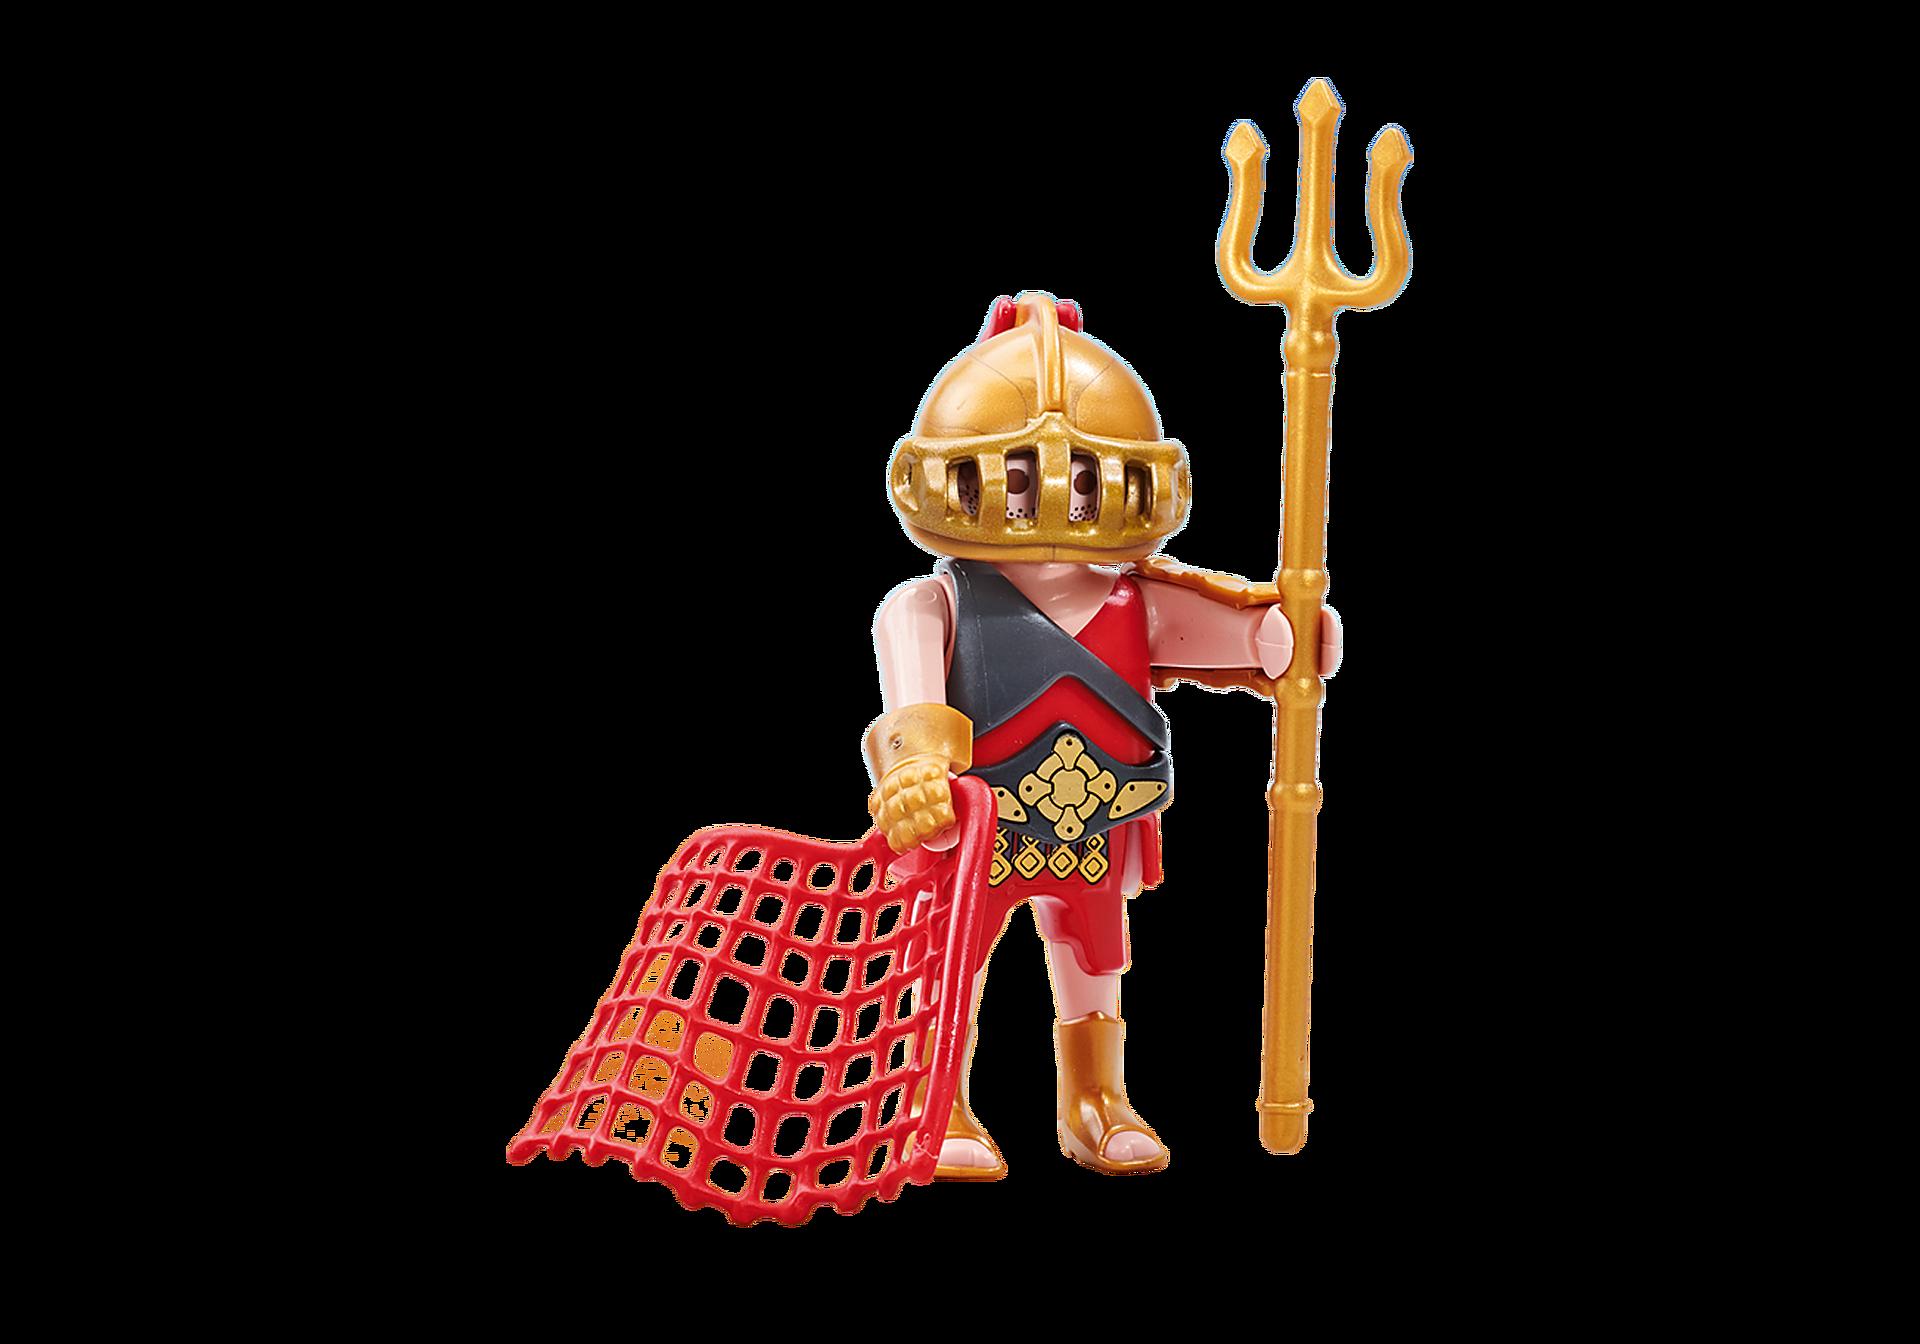 6589 Dowódca gladiatorów zoom image1